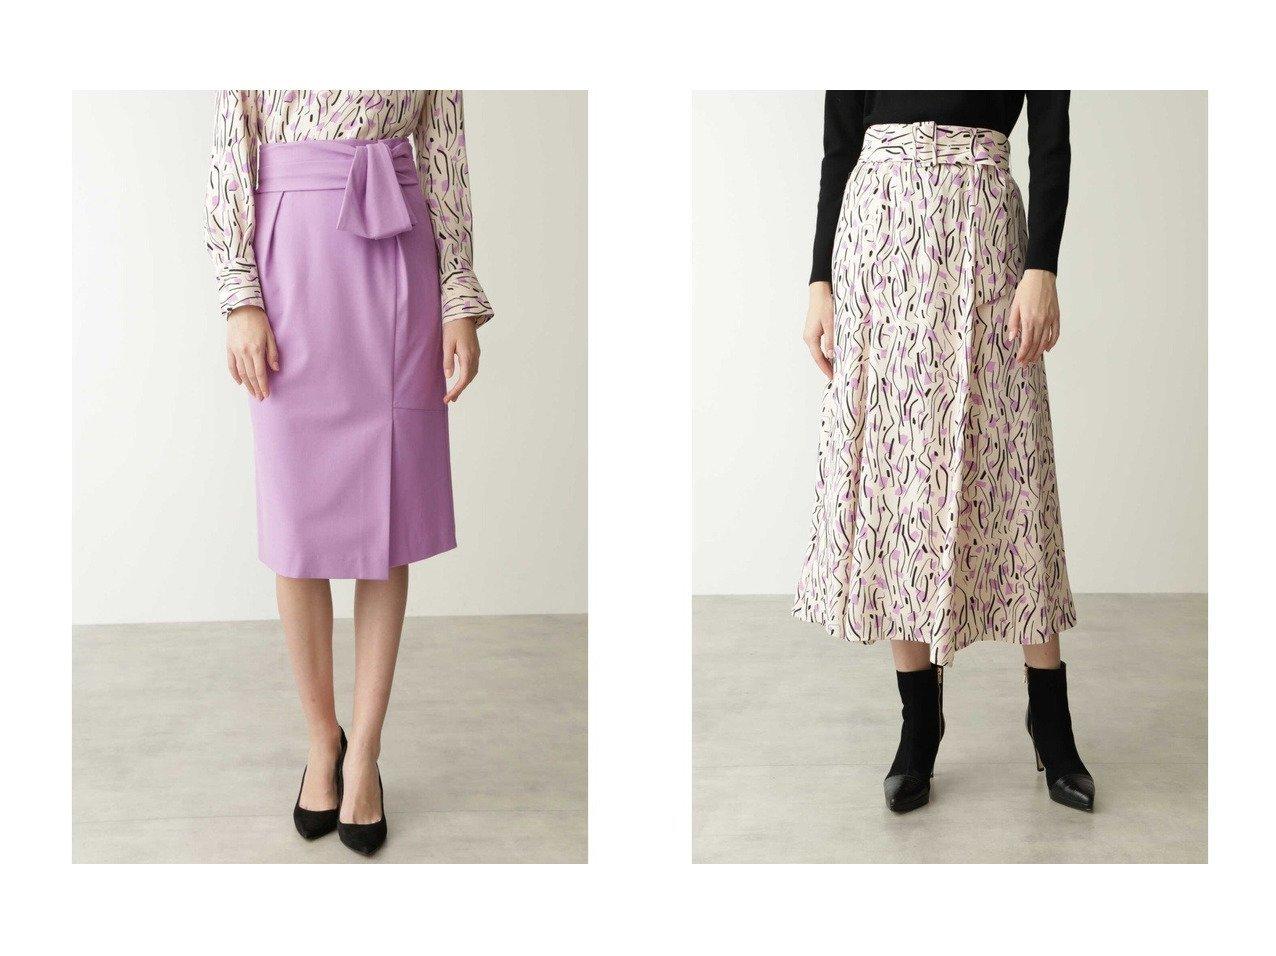 【Pinky&Dianne/ピンキーアンドダイアン】のリボンベルト付きバックマーメイドスカート&フローウイーモチーフプリントサーキュラースカート スカートのおすすめ!人気、トレンド・レディースファッションの通販 おすすめで人気の流行・トレンド、ファッションの通販商品 メンズファッション・キッズファッション・インテリア・家具・レディースファッション・服の通販 founy(ファニー) https://founy.com/ ファッション Fashion レディースファッション WOMEN スカート Skirt バッグ Bag ベルト Belts エレガント ギャザー フォルム マーメイド リボン クラシカル フレア プリント モダン ラベンダー ランダム |ID:crp329100000013676